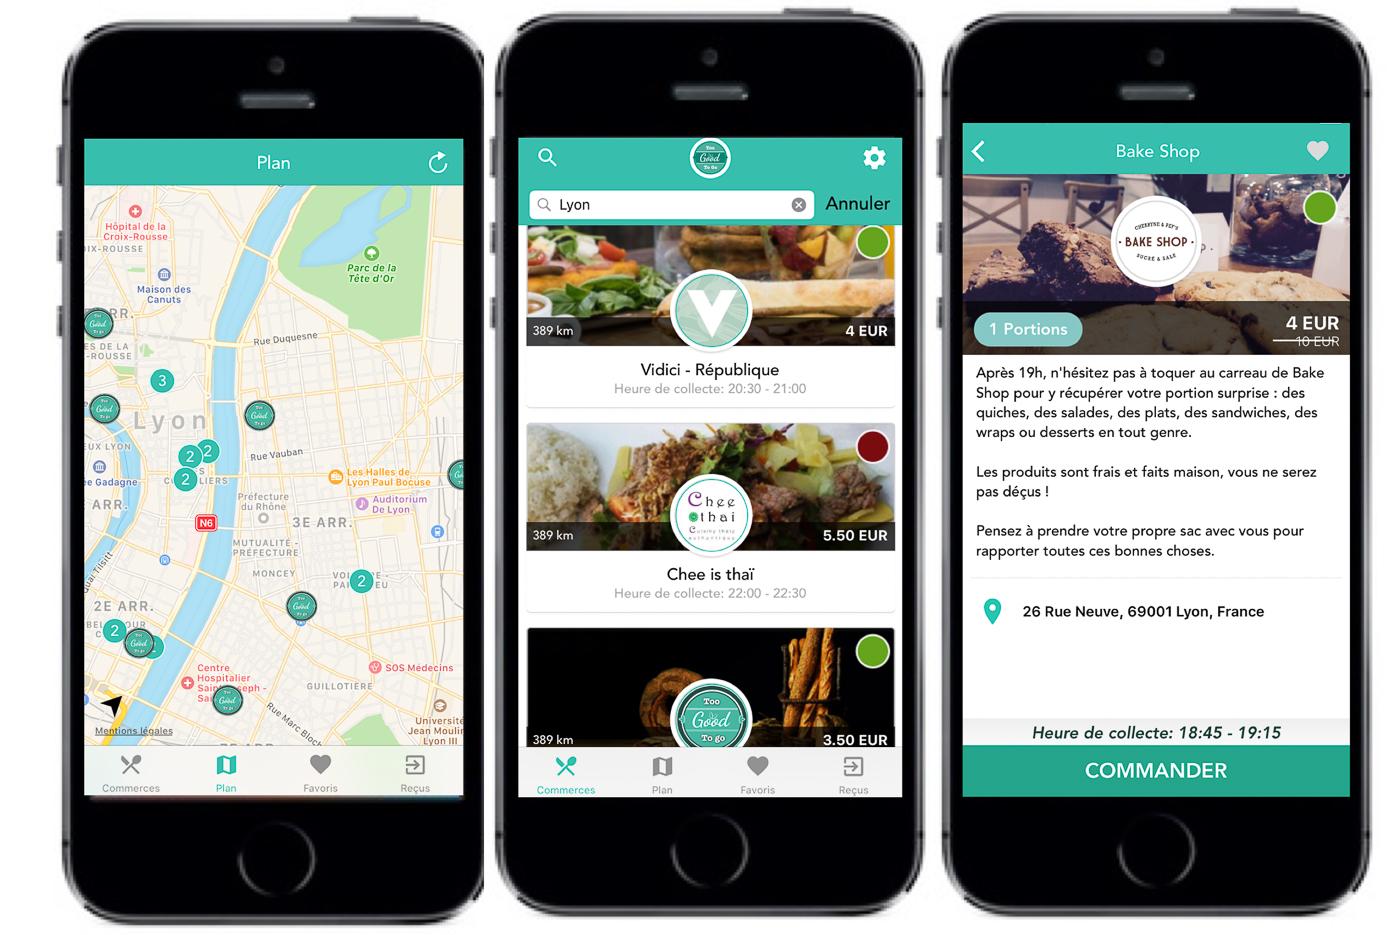 Trois Iphones avec un plan, une liste de restaurants et une description de restaurant présentent l'application anti-gaspillage alimentaire Too Good To Go